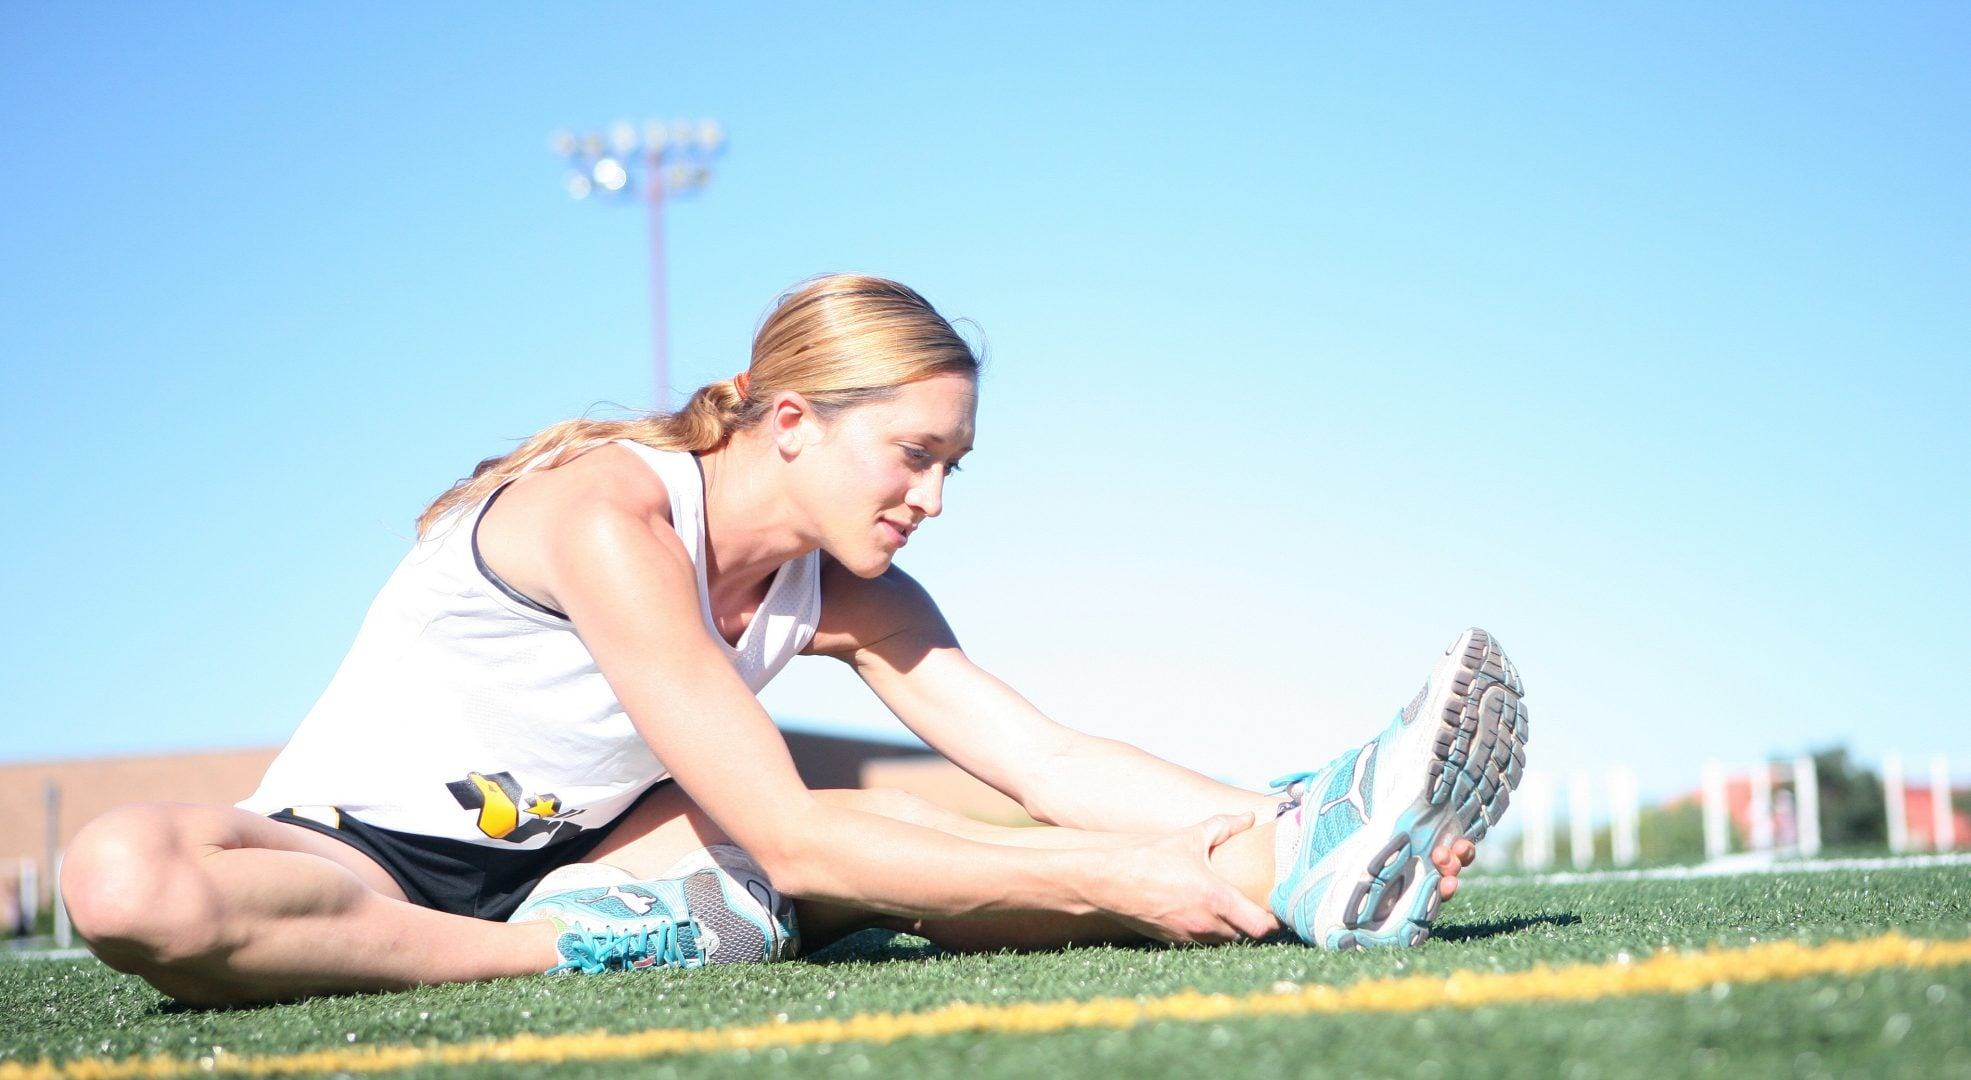 Beneficios del pilates en corredores